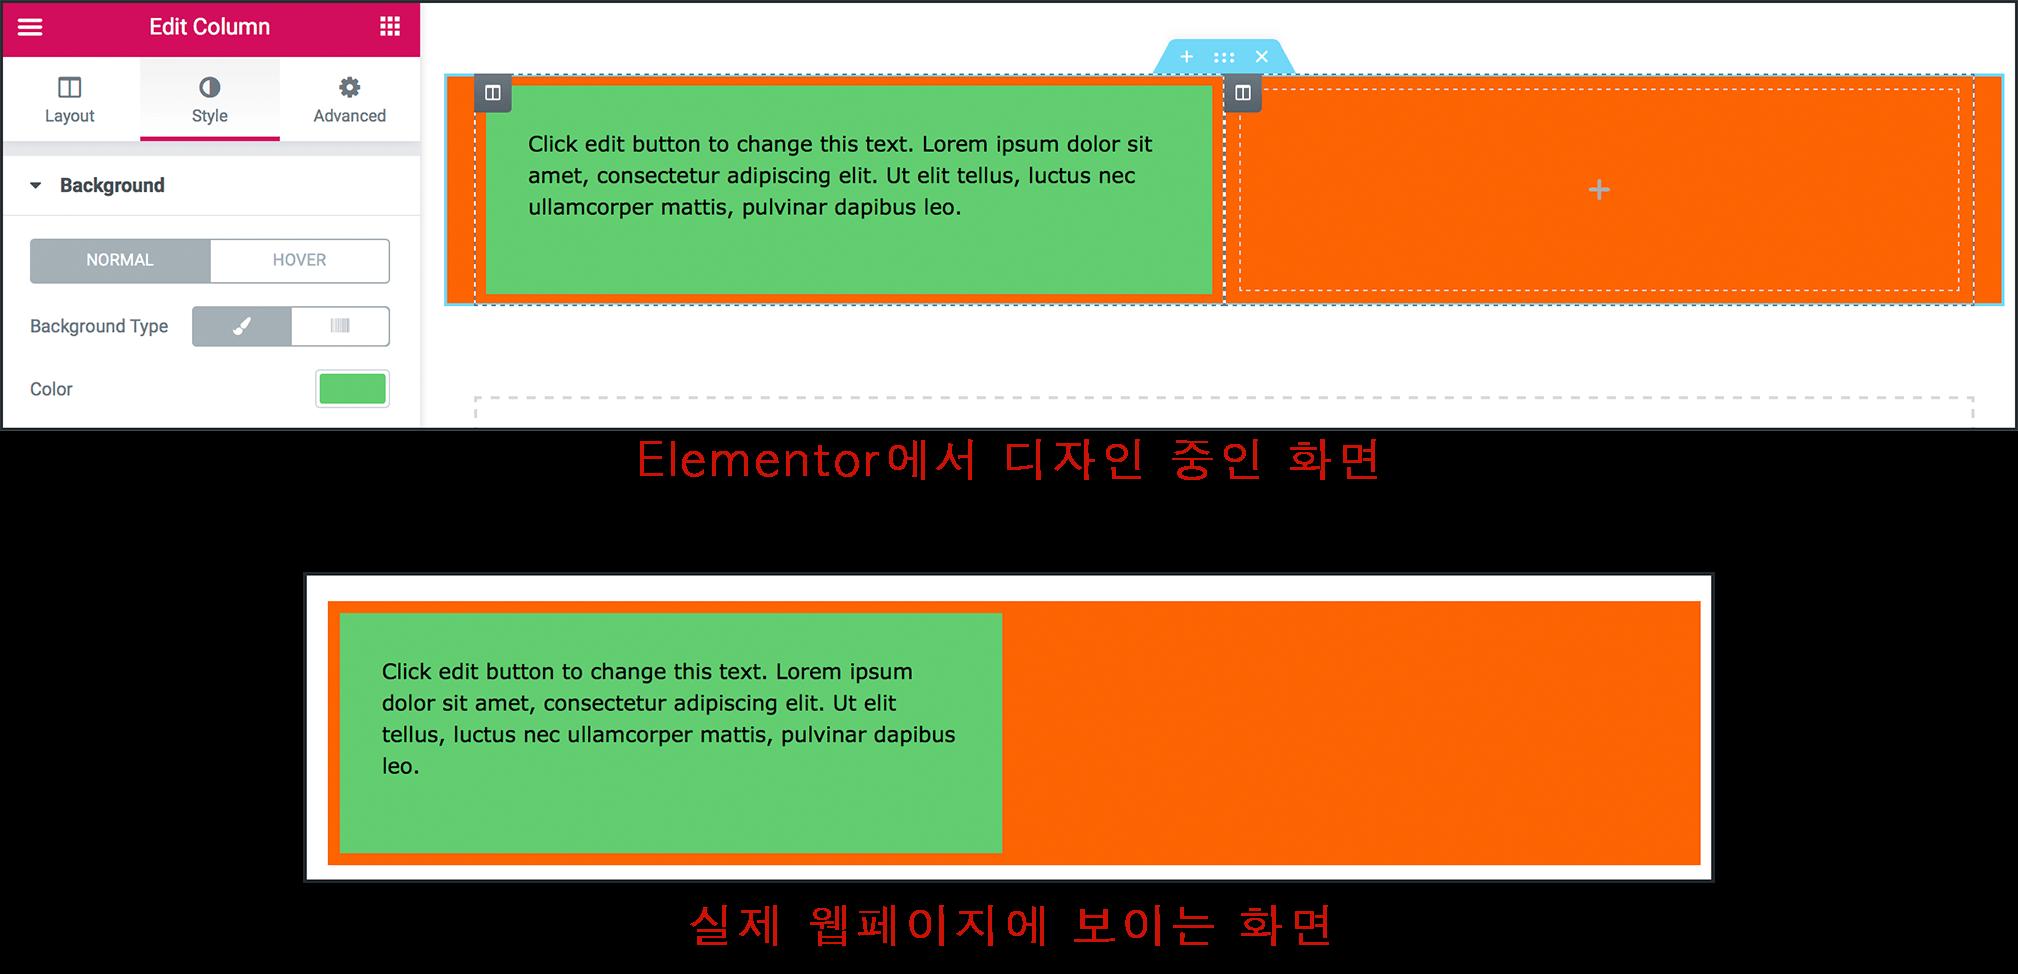 디자인중인 화면과 실제 페이지 화면 스크린샷